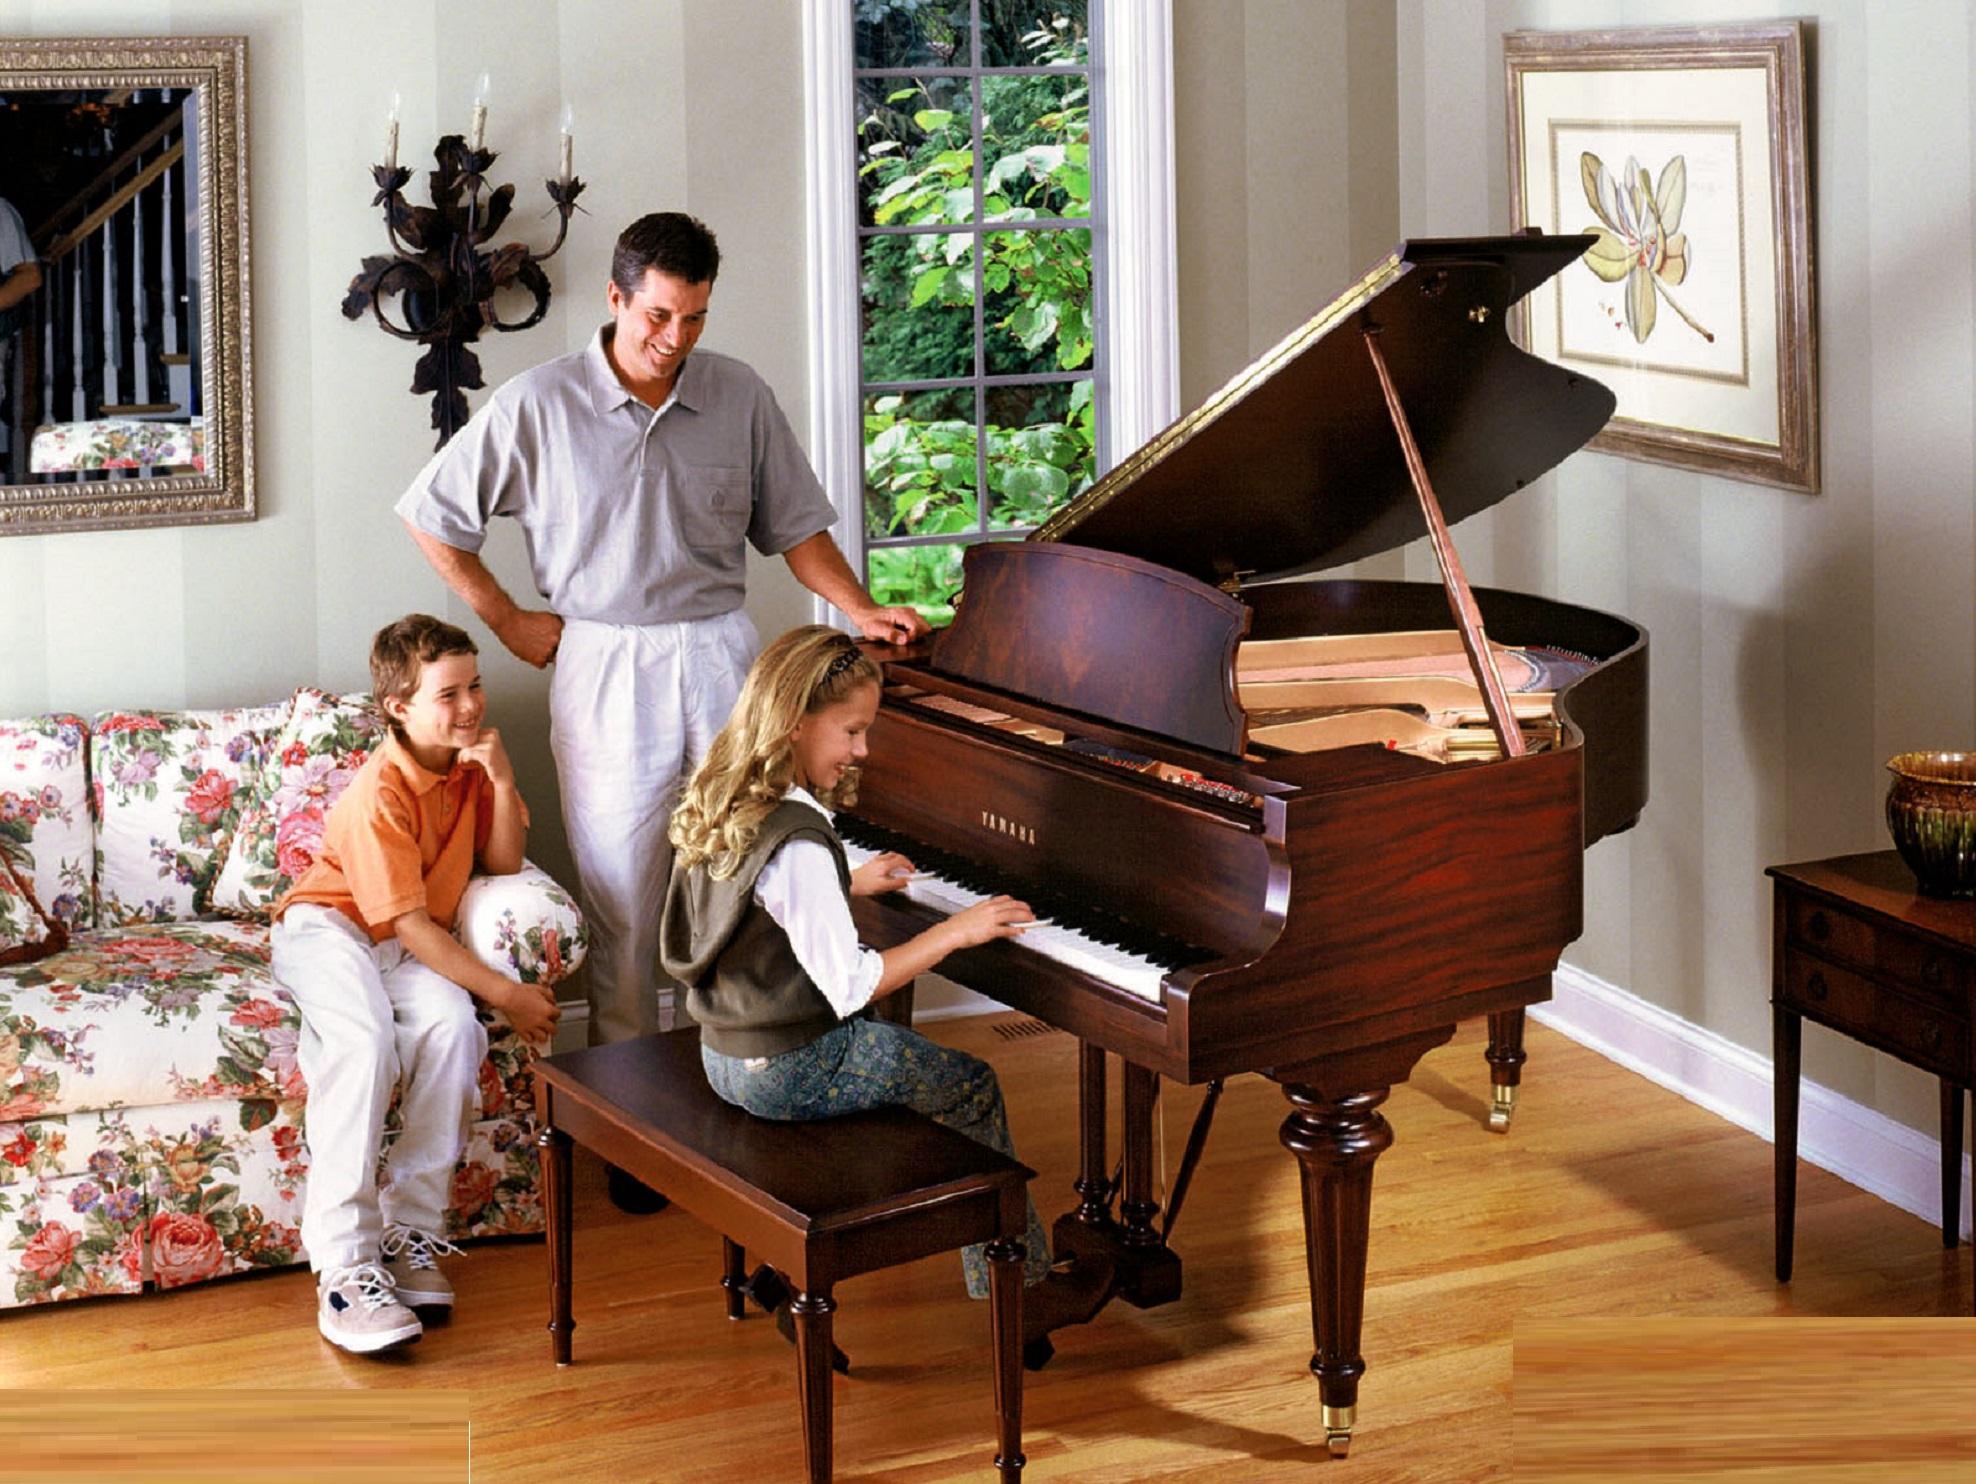 Piyano Ders Nasıl Bir Eğitim Çalışma Olmalıdır. Sözlük Bilgi Piano Müzik Hayat Bilgi Duvar Konsol Aleti Çalgı Aile Çocuk Piyanolar Piano Enstrumanı çalgı